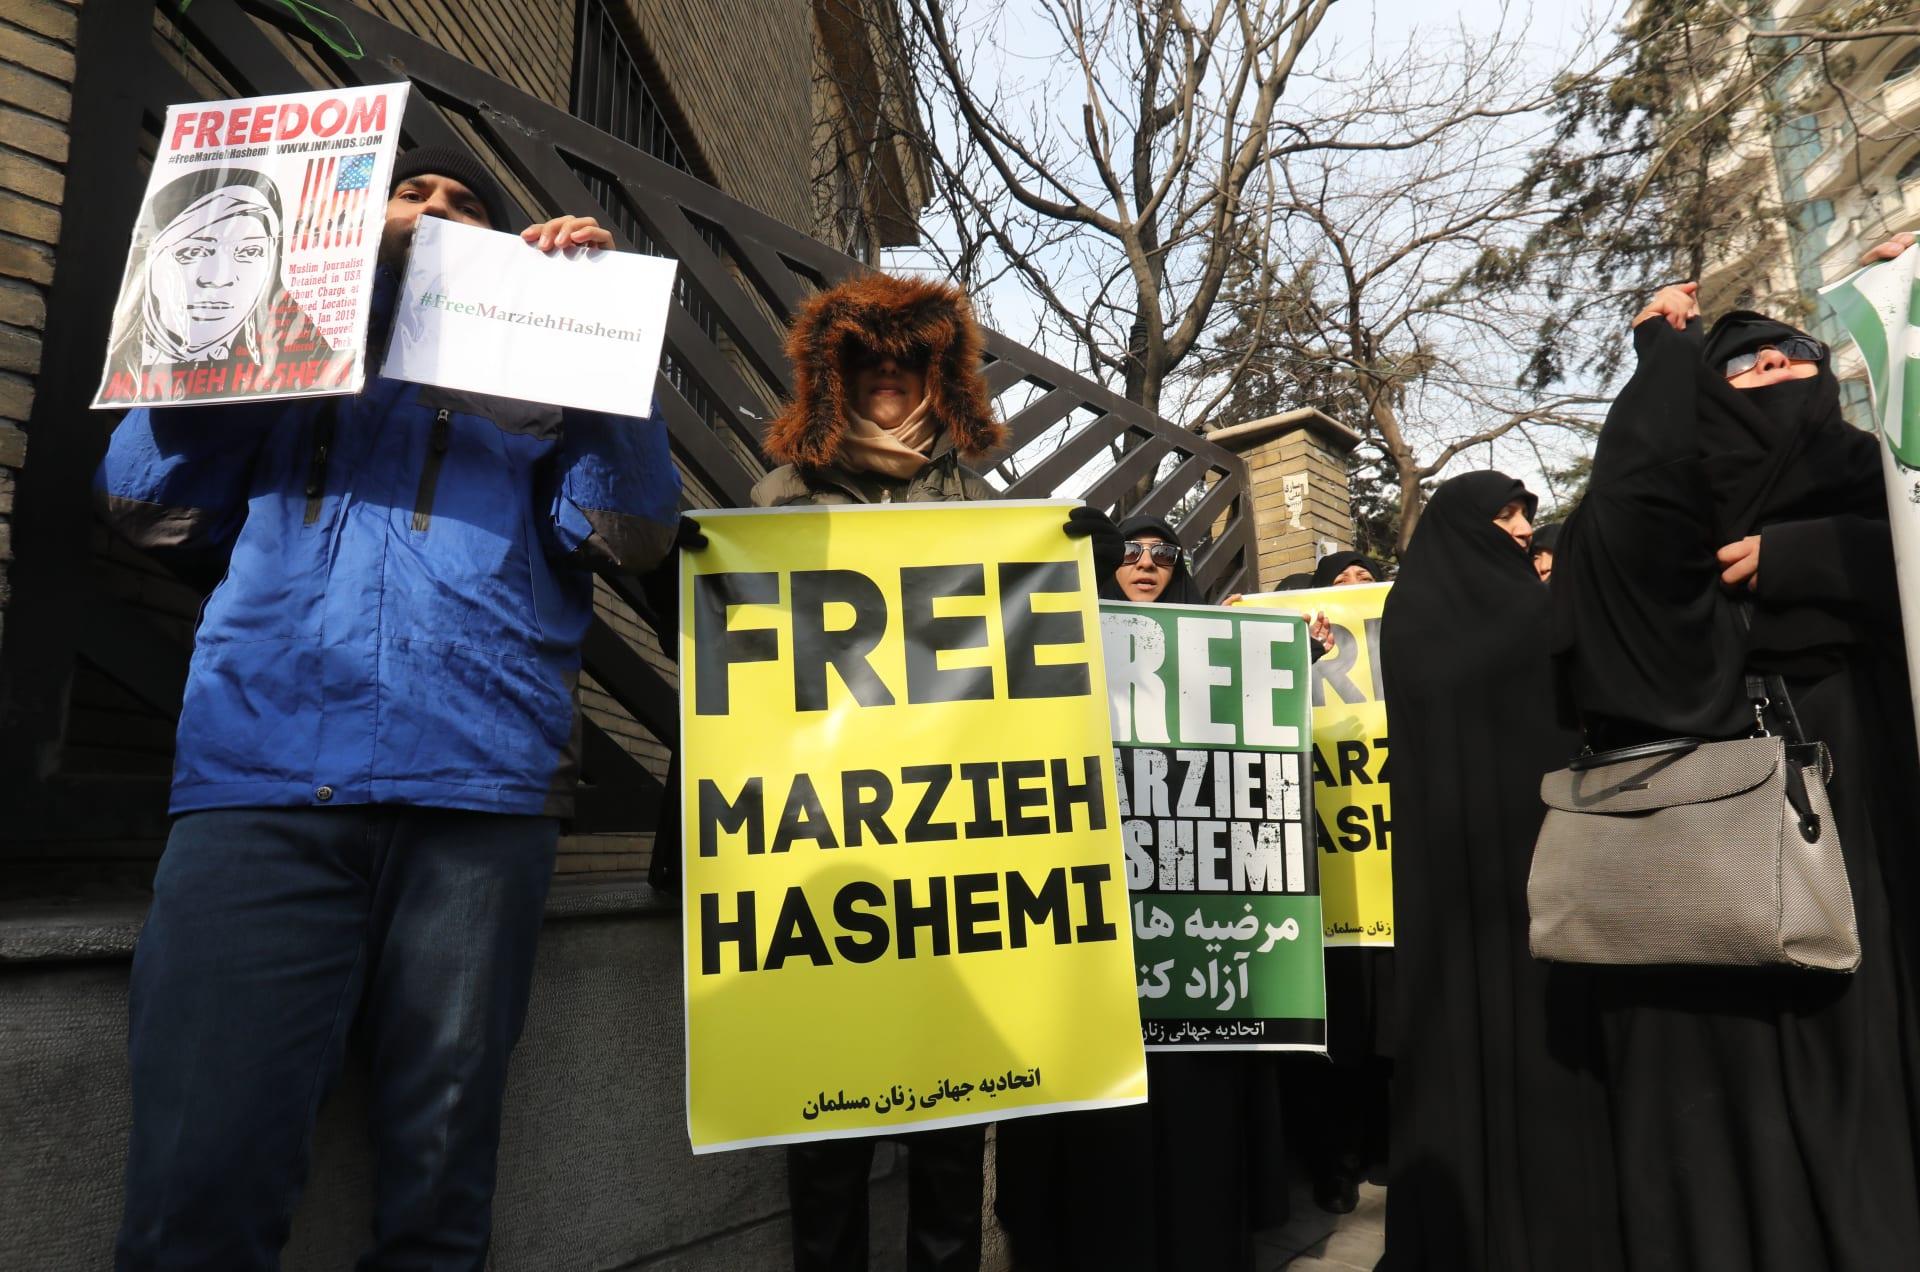 مظاهرات في طهران بسبب اعتقال أمريكا لإعلامية في قناة إيرانية